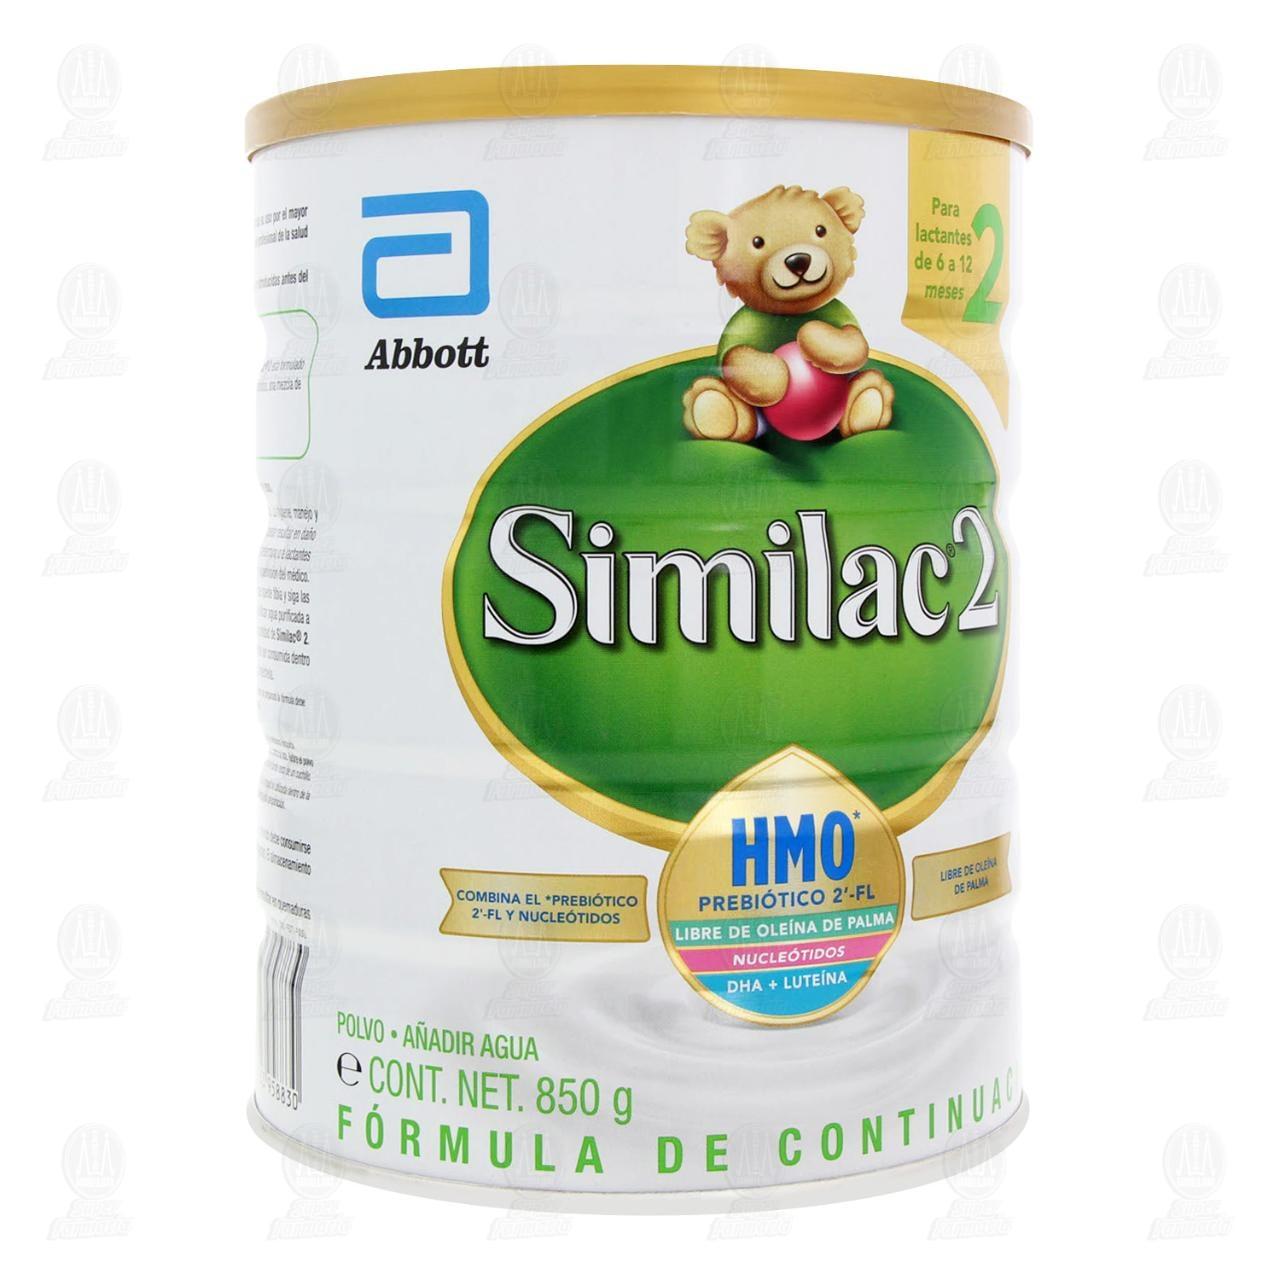 comprar https://www.movil.farmaciasguadalajara.com/wcsstore/FGCAS/wcs/products/1216996_A_1280_AL.jpg en farmacias guadalajara